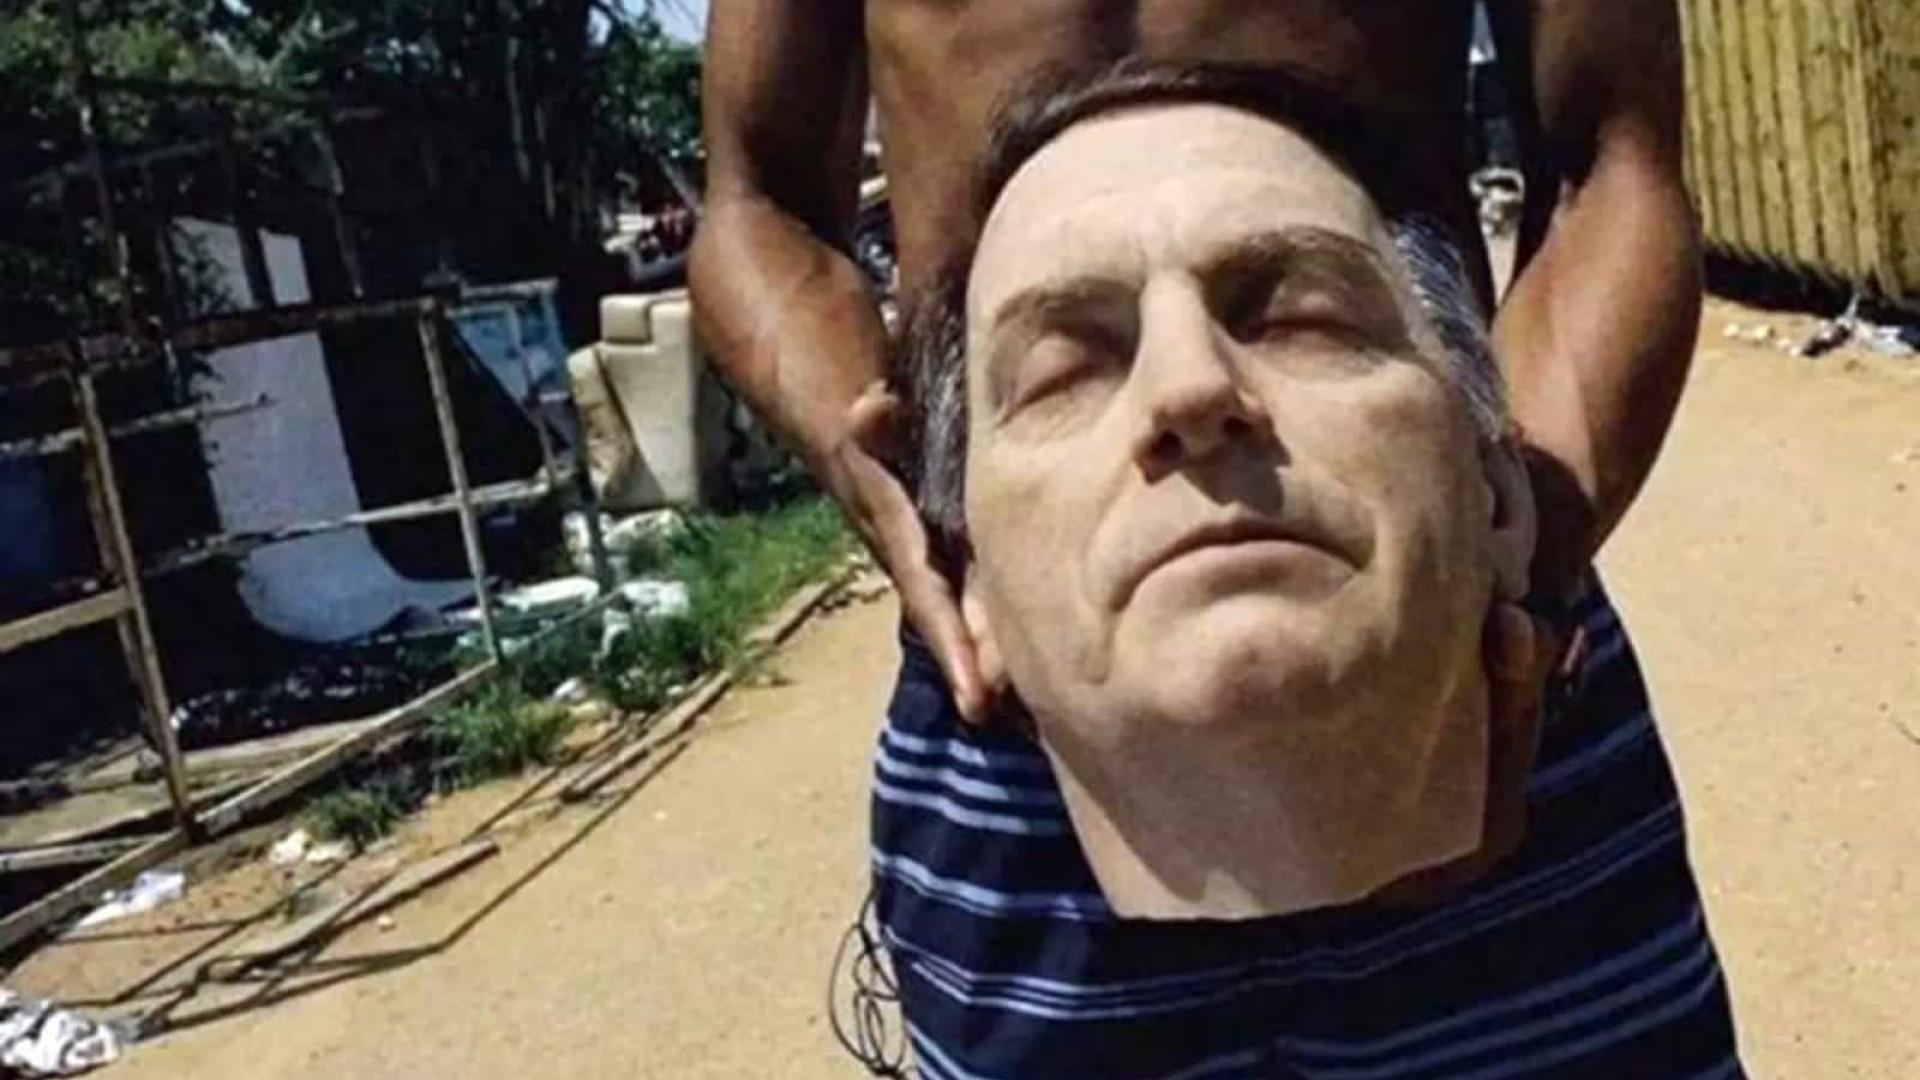 Pelada com cabeça de Bolsonaro rende ameaças de morte a coletivo